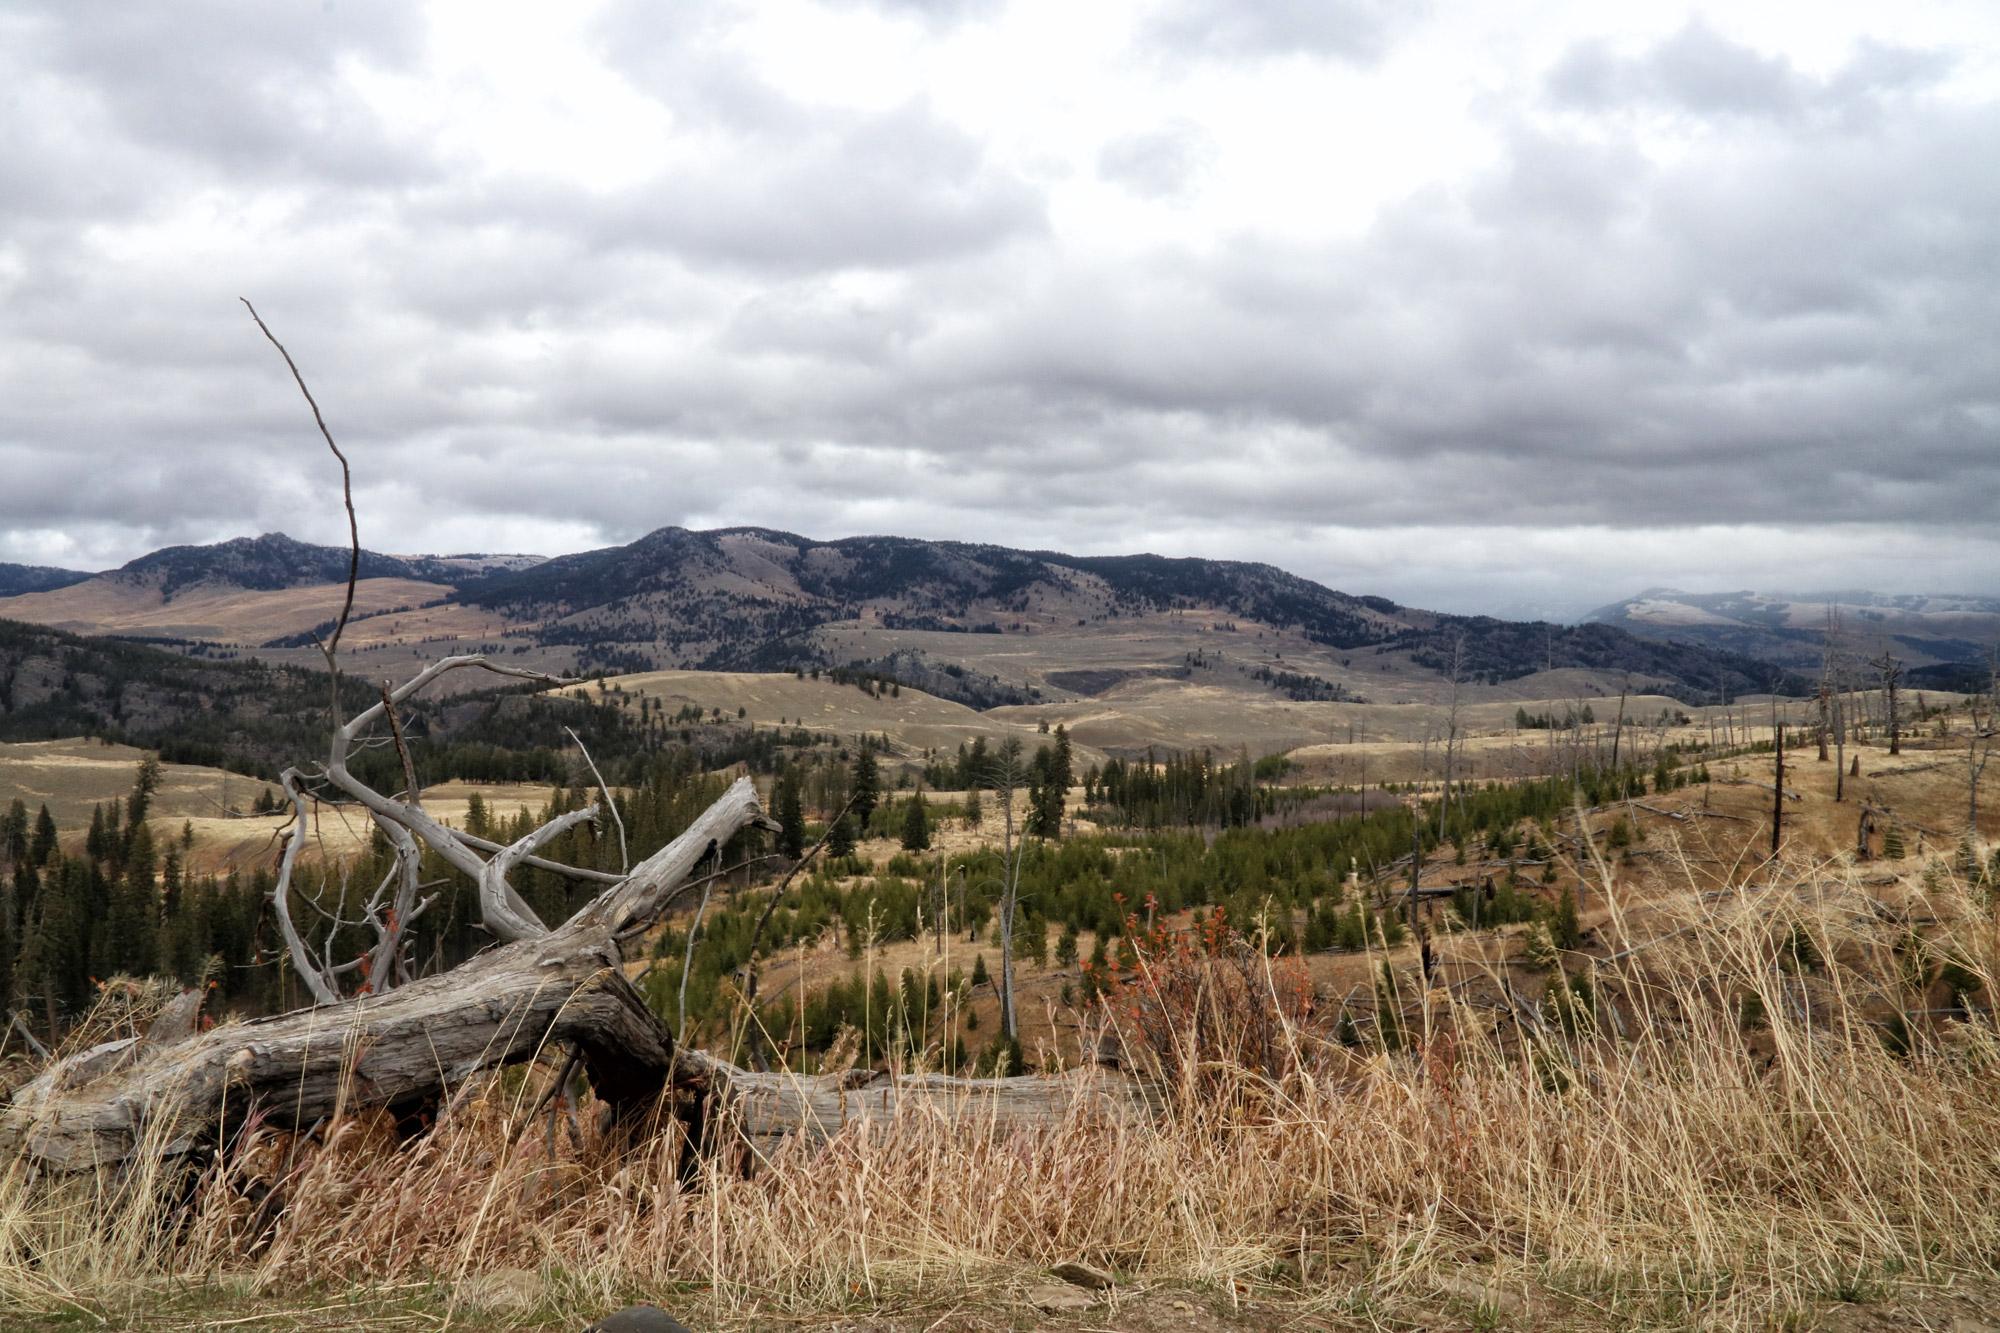 De hoogtepunten van Yellowstone National Park - Lamar Valley